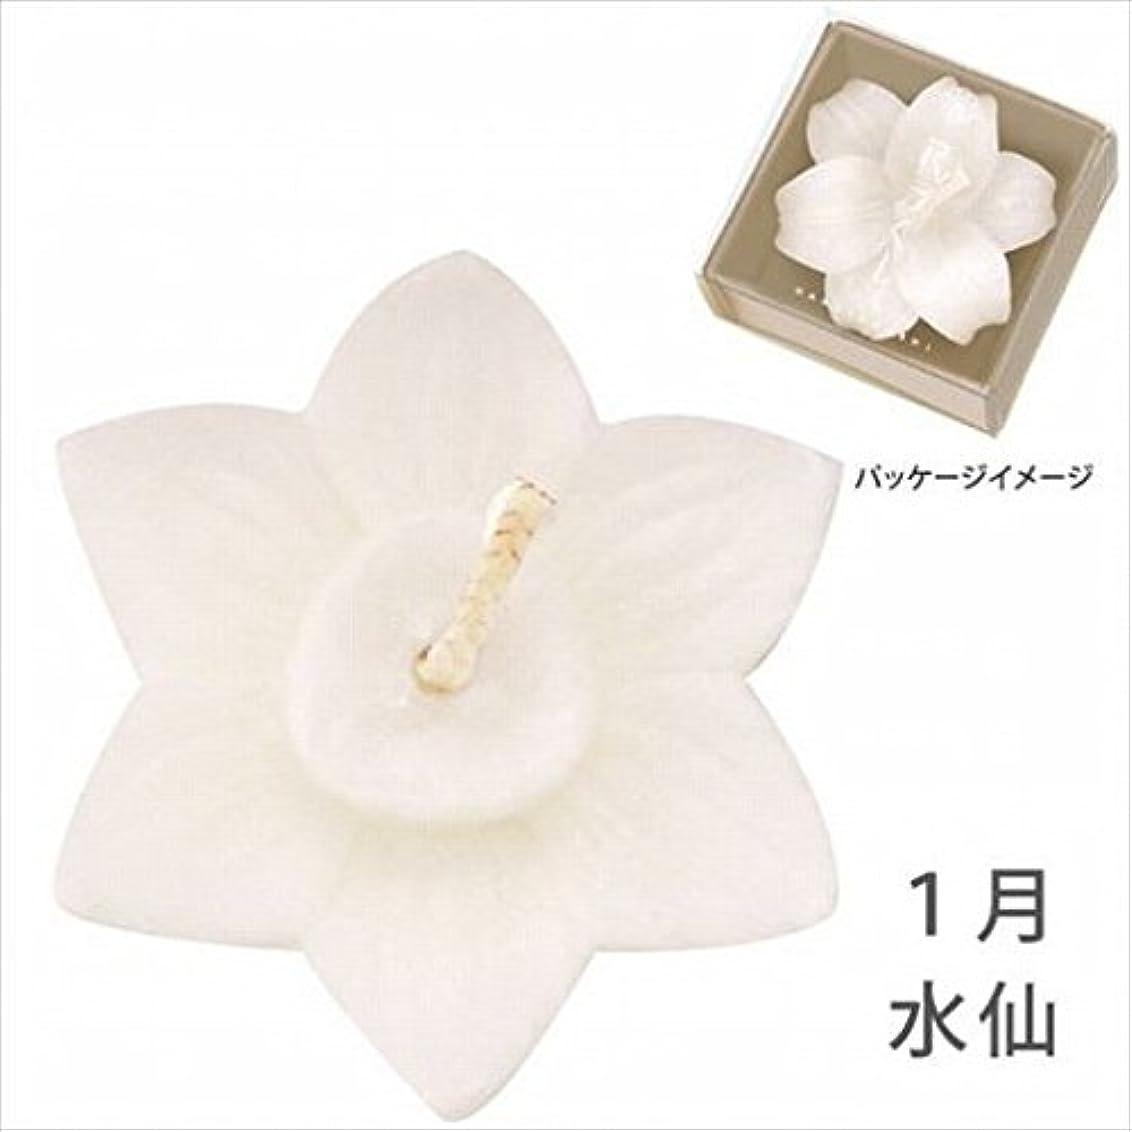 最愛の心臓評価するkameyama candle(カメヤマキャンドル) 花づくし(植物性) 水仙 「 水仙(1月) 」 キャンドル(A4620530)